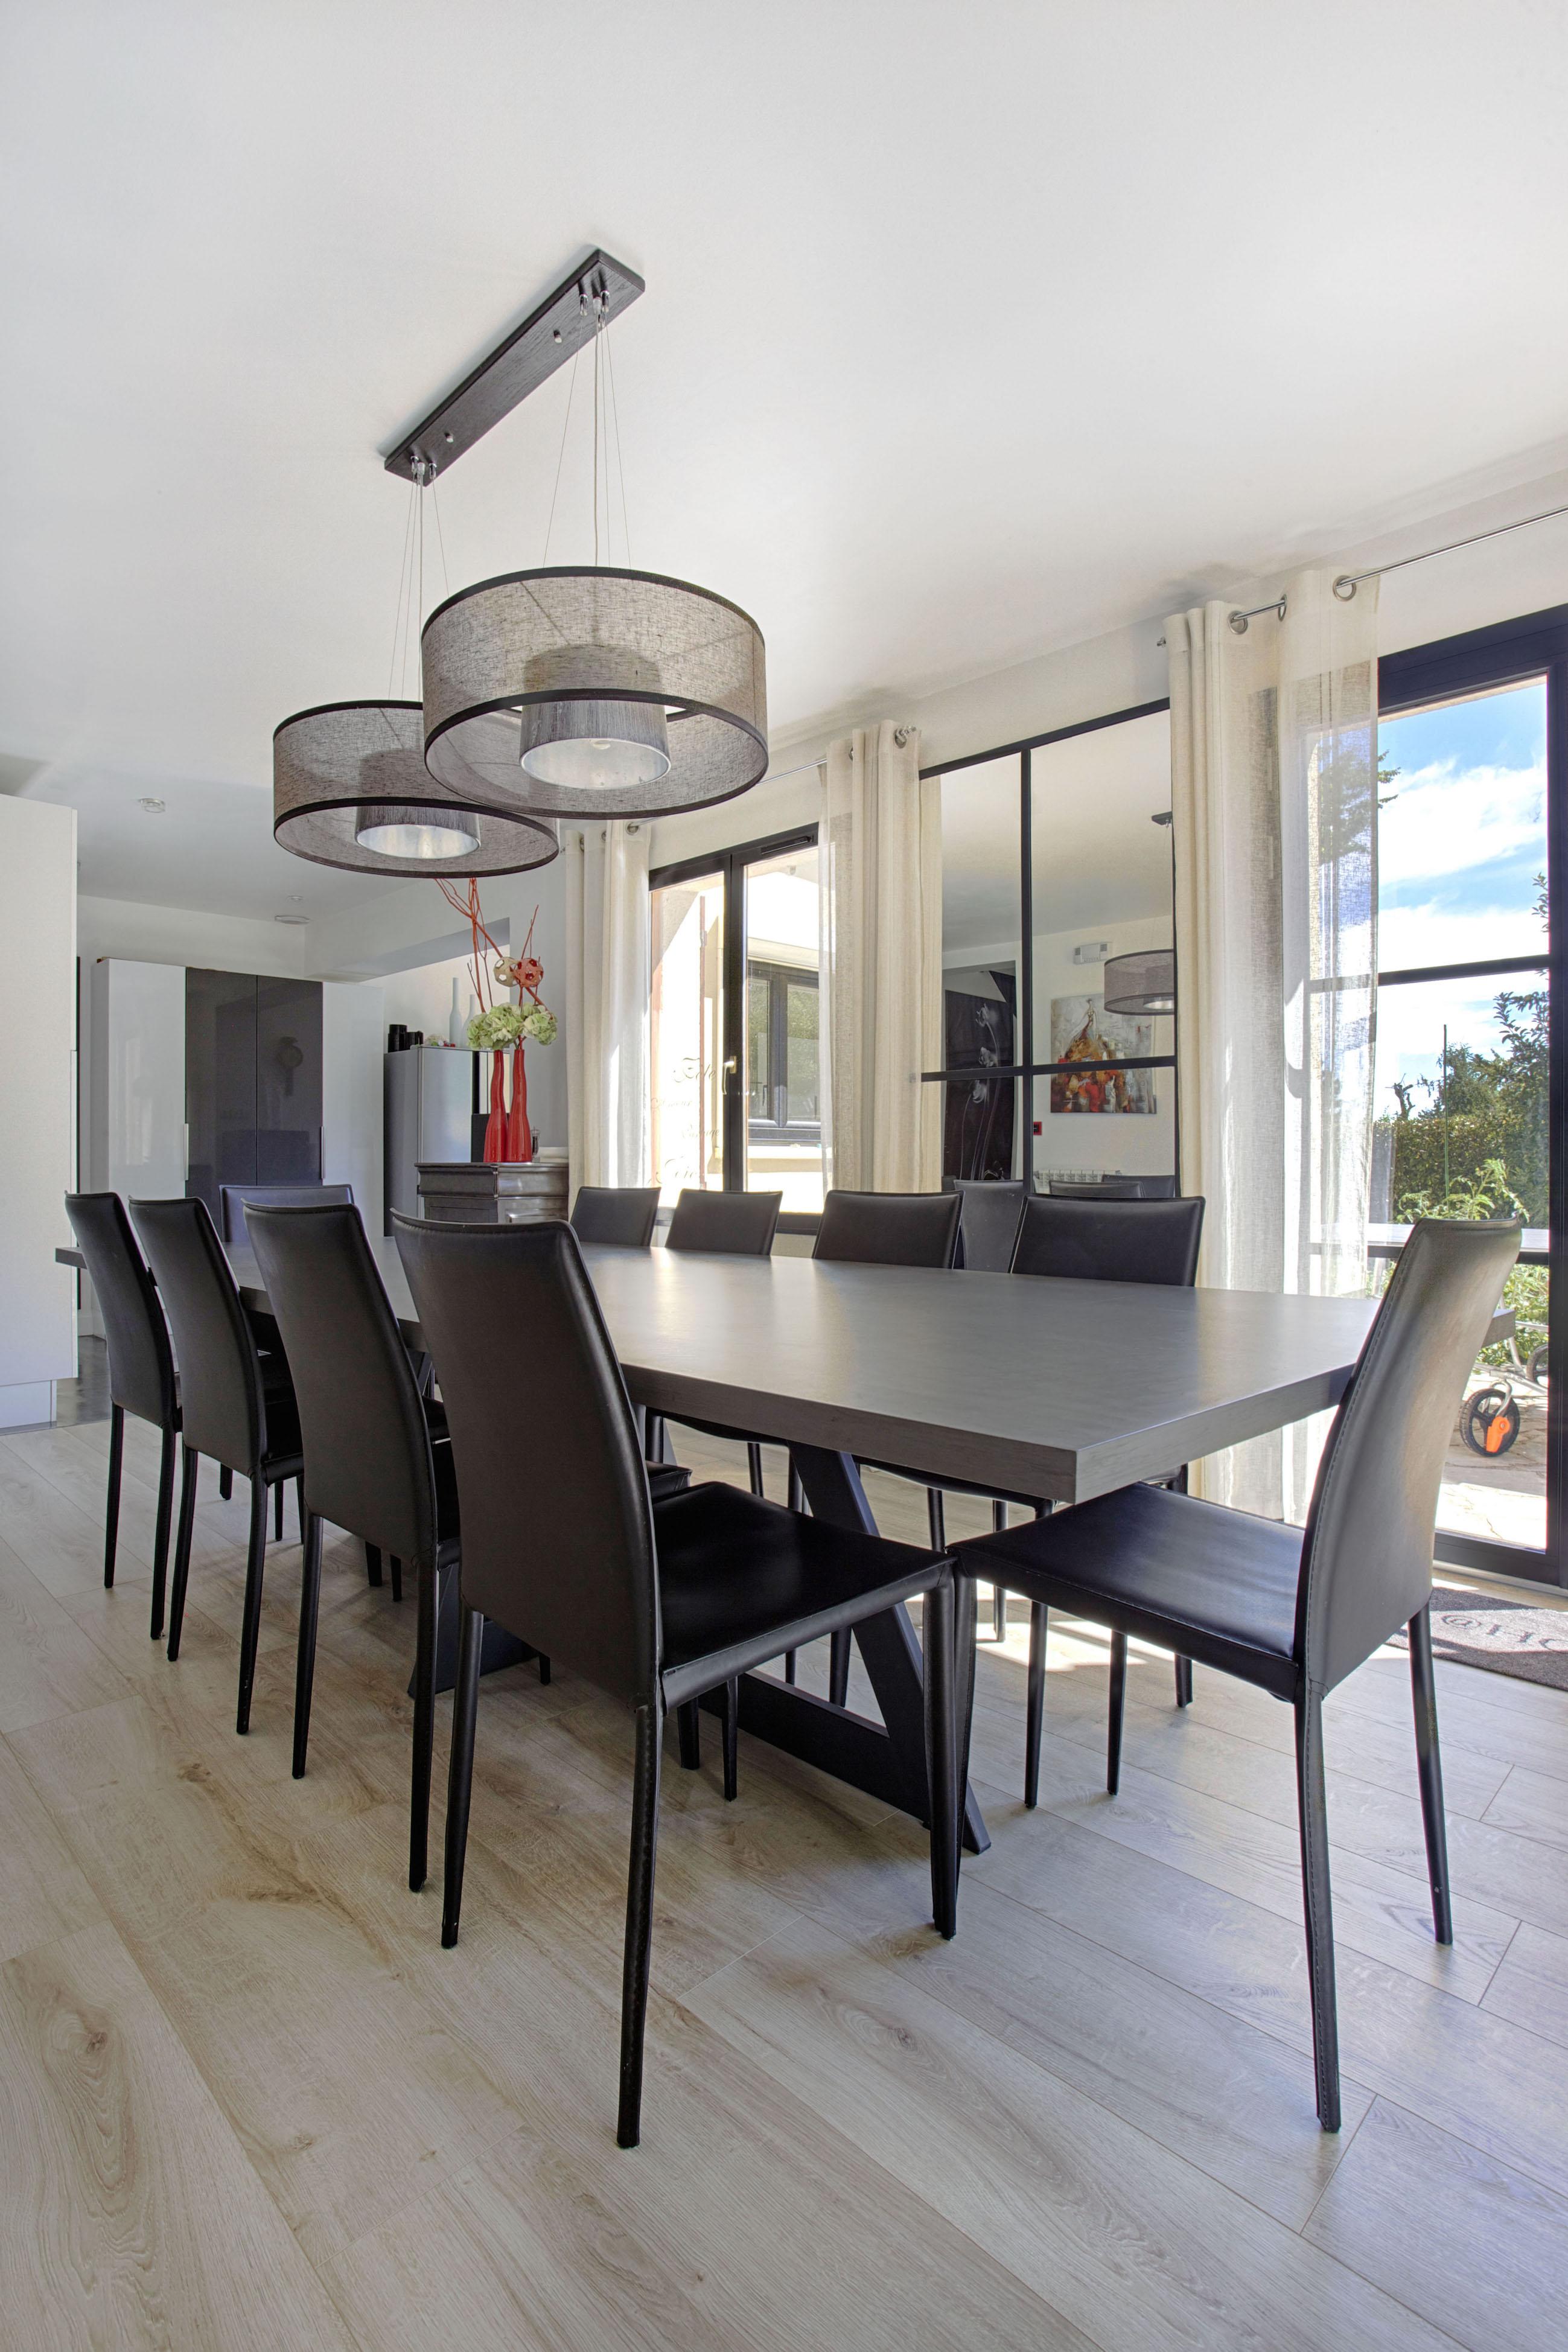 décoration de salon, salle à manger, entrée moderne